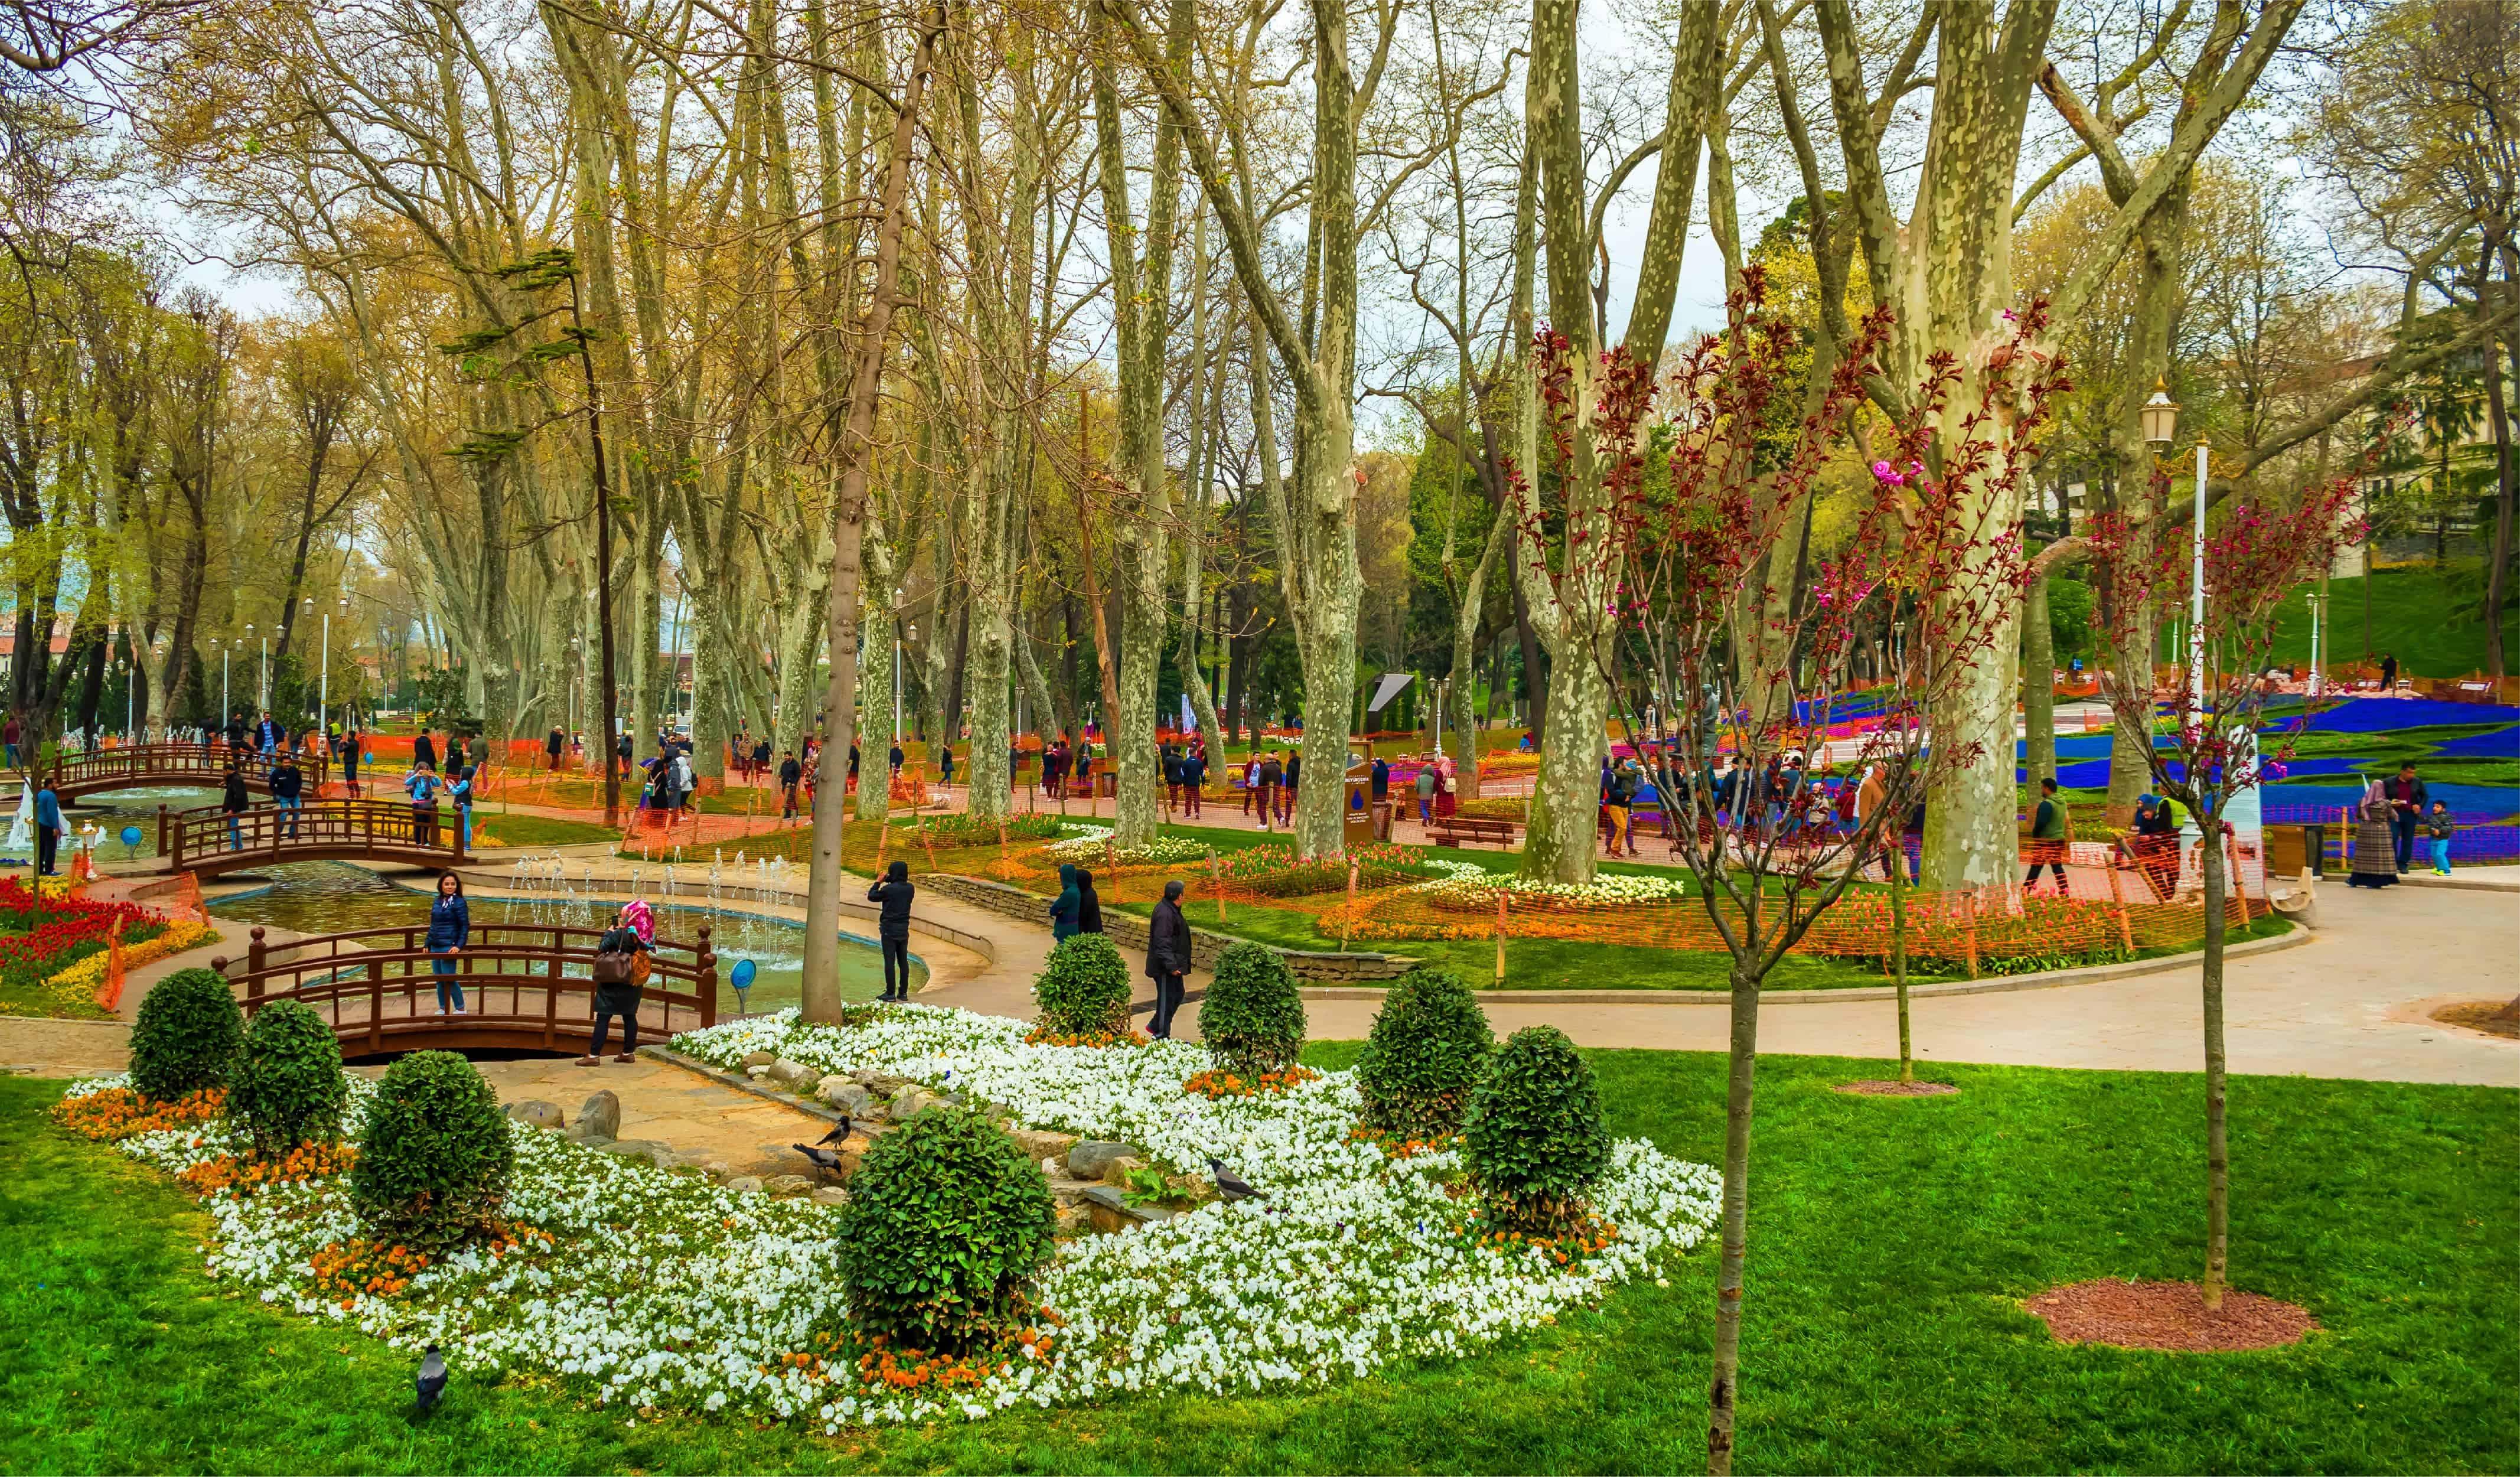 Gulhane Parki near the Topkapi Palace